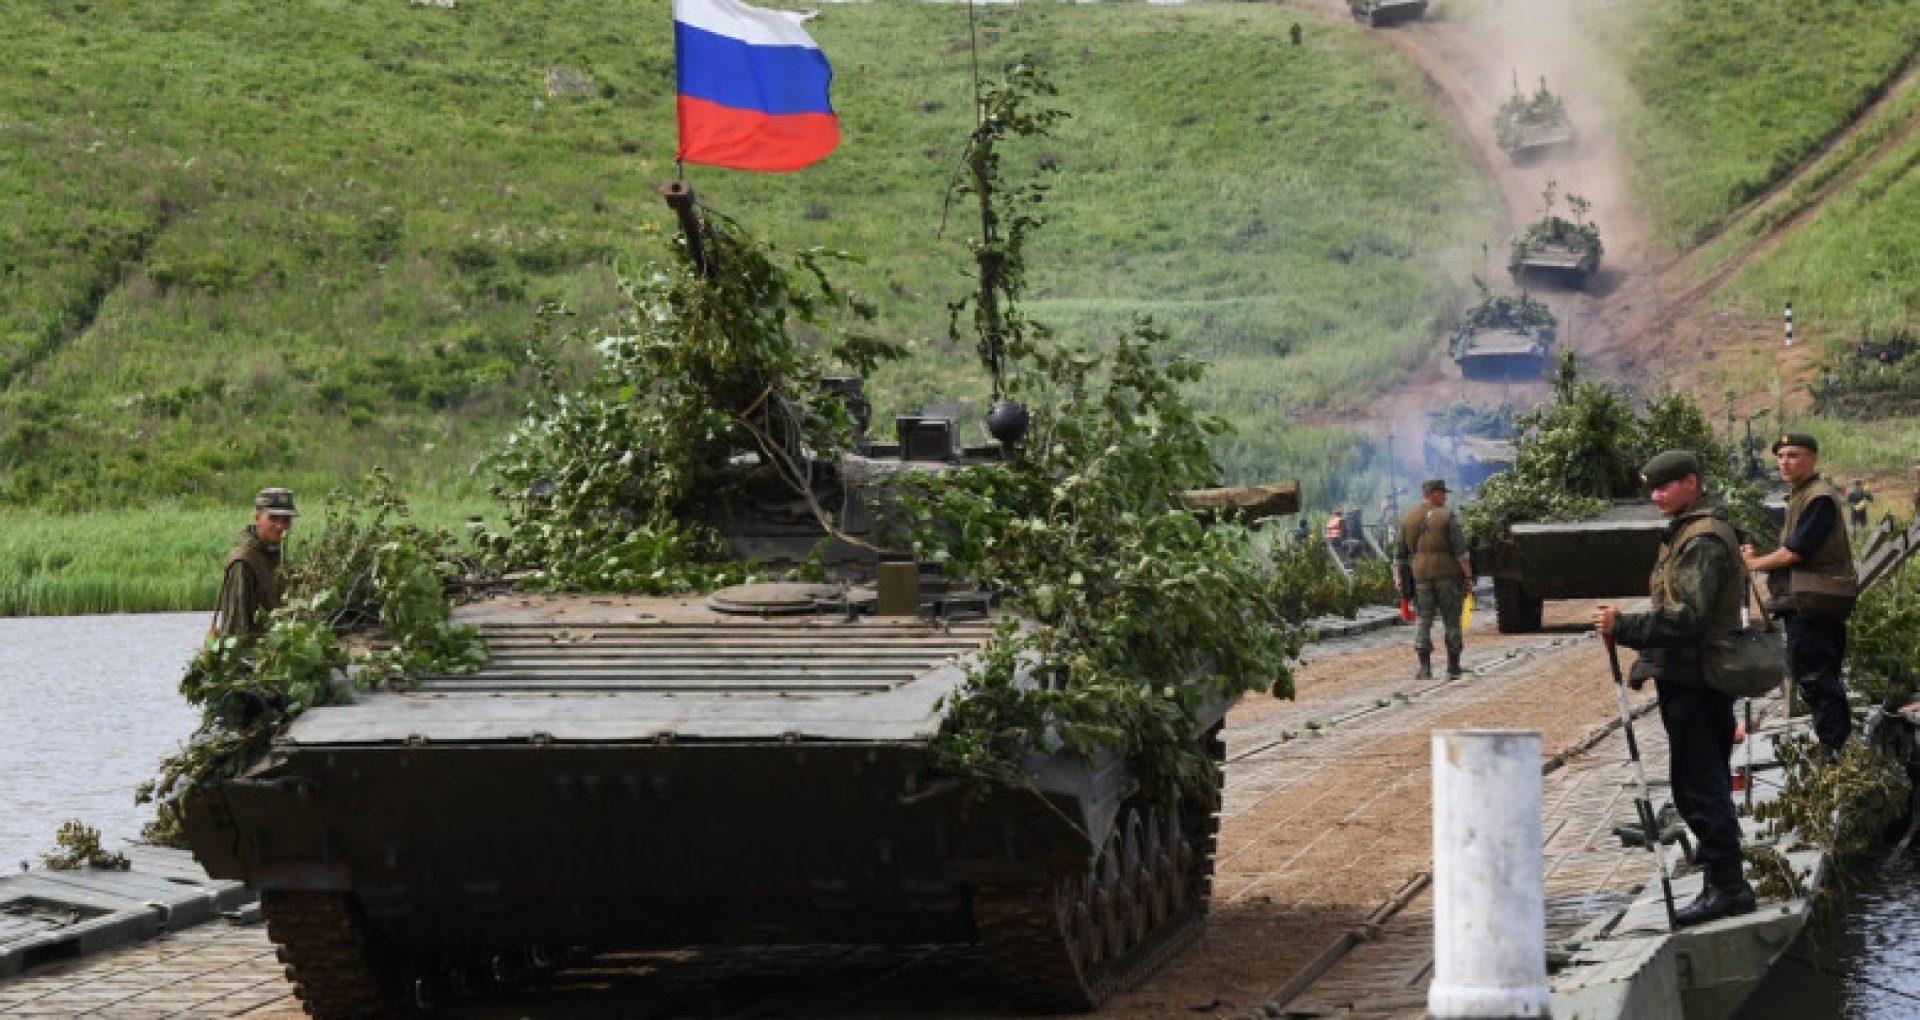 Rusia a adus tancuri în apropierea graniței Tadjikistanului cu Afganistan